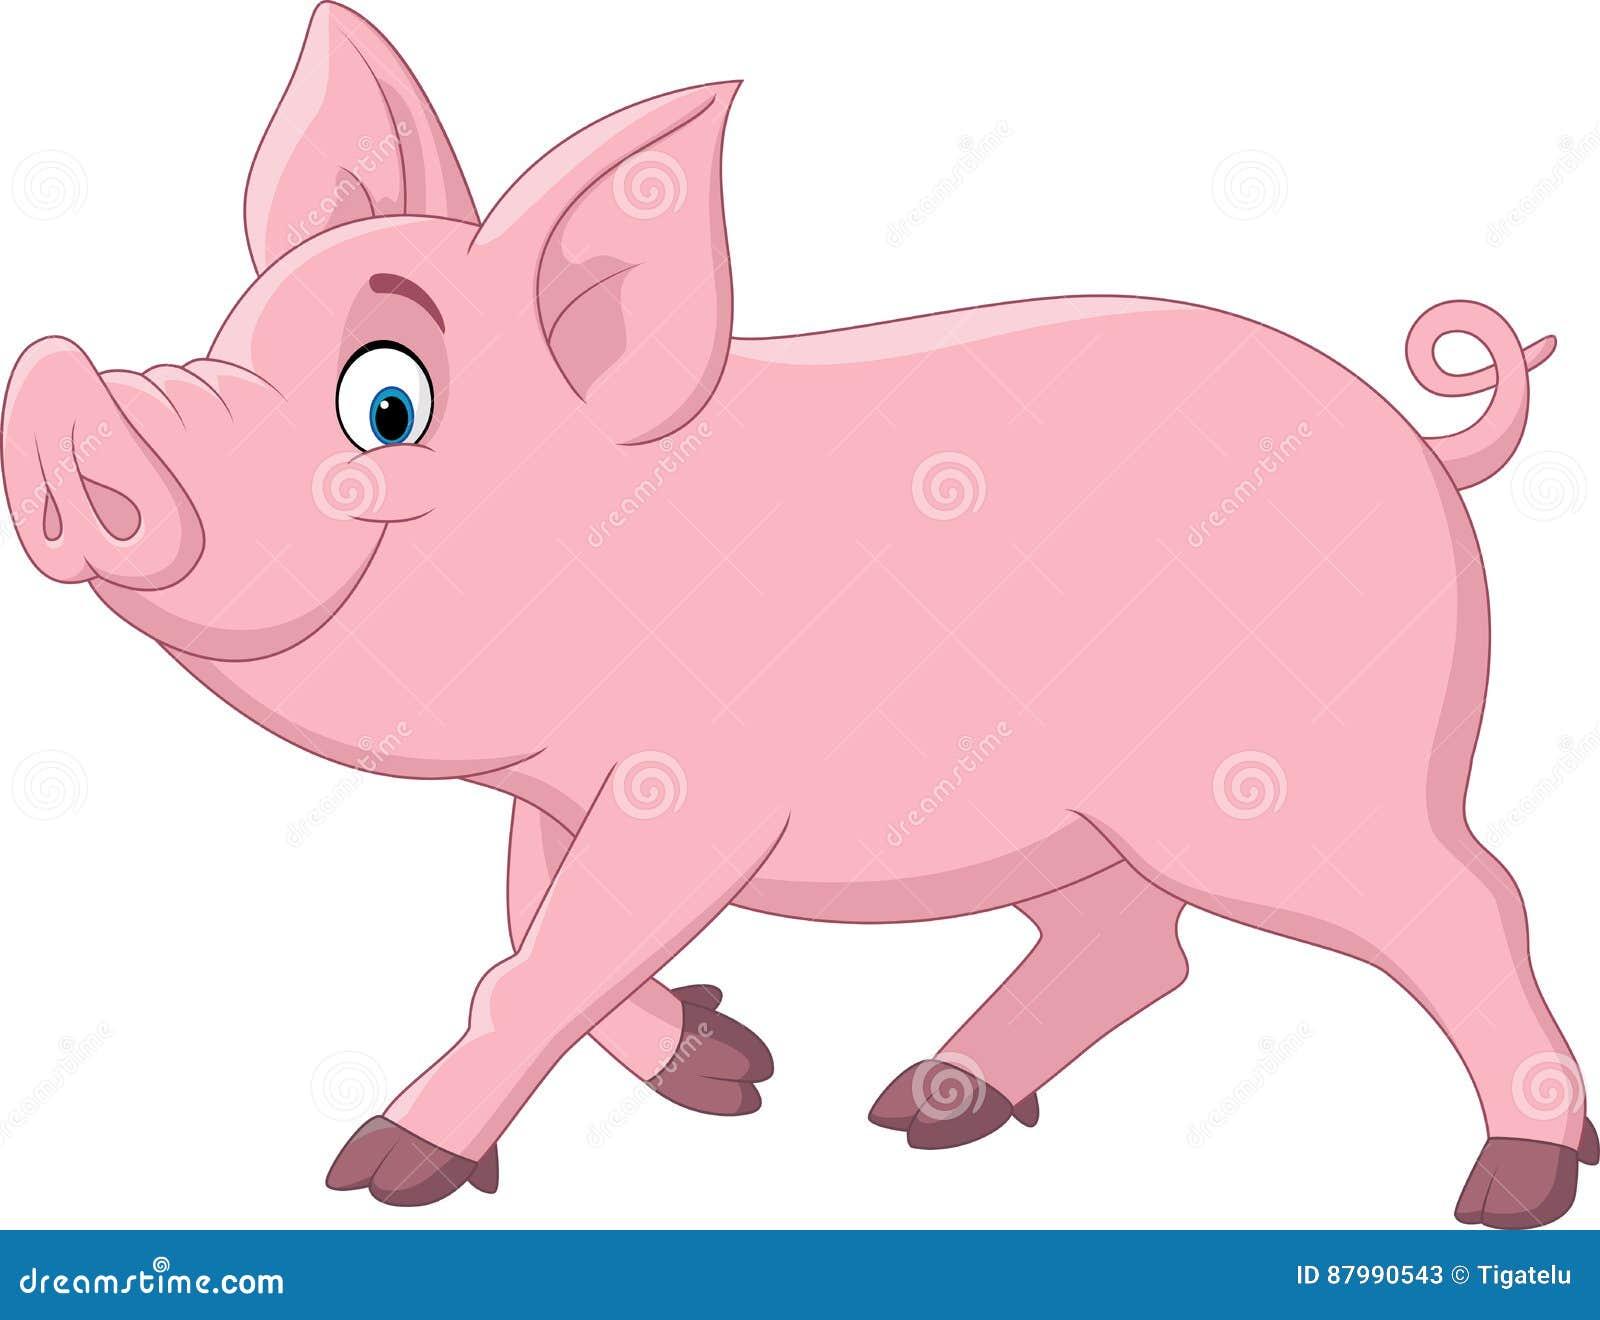 Cartoon funny pig